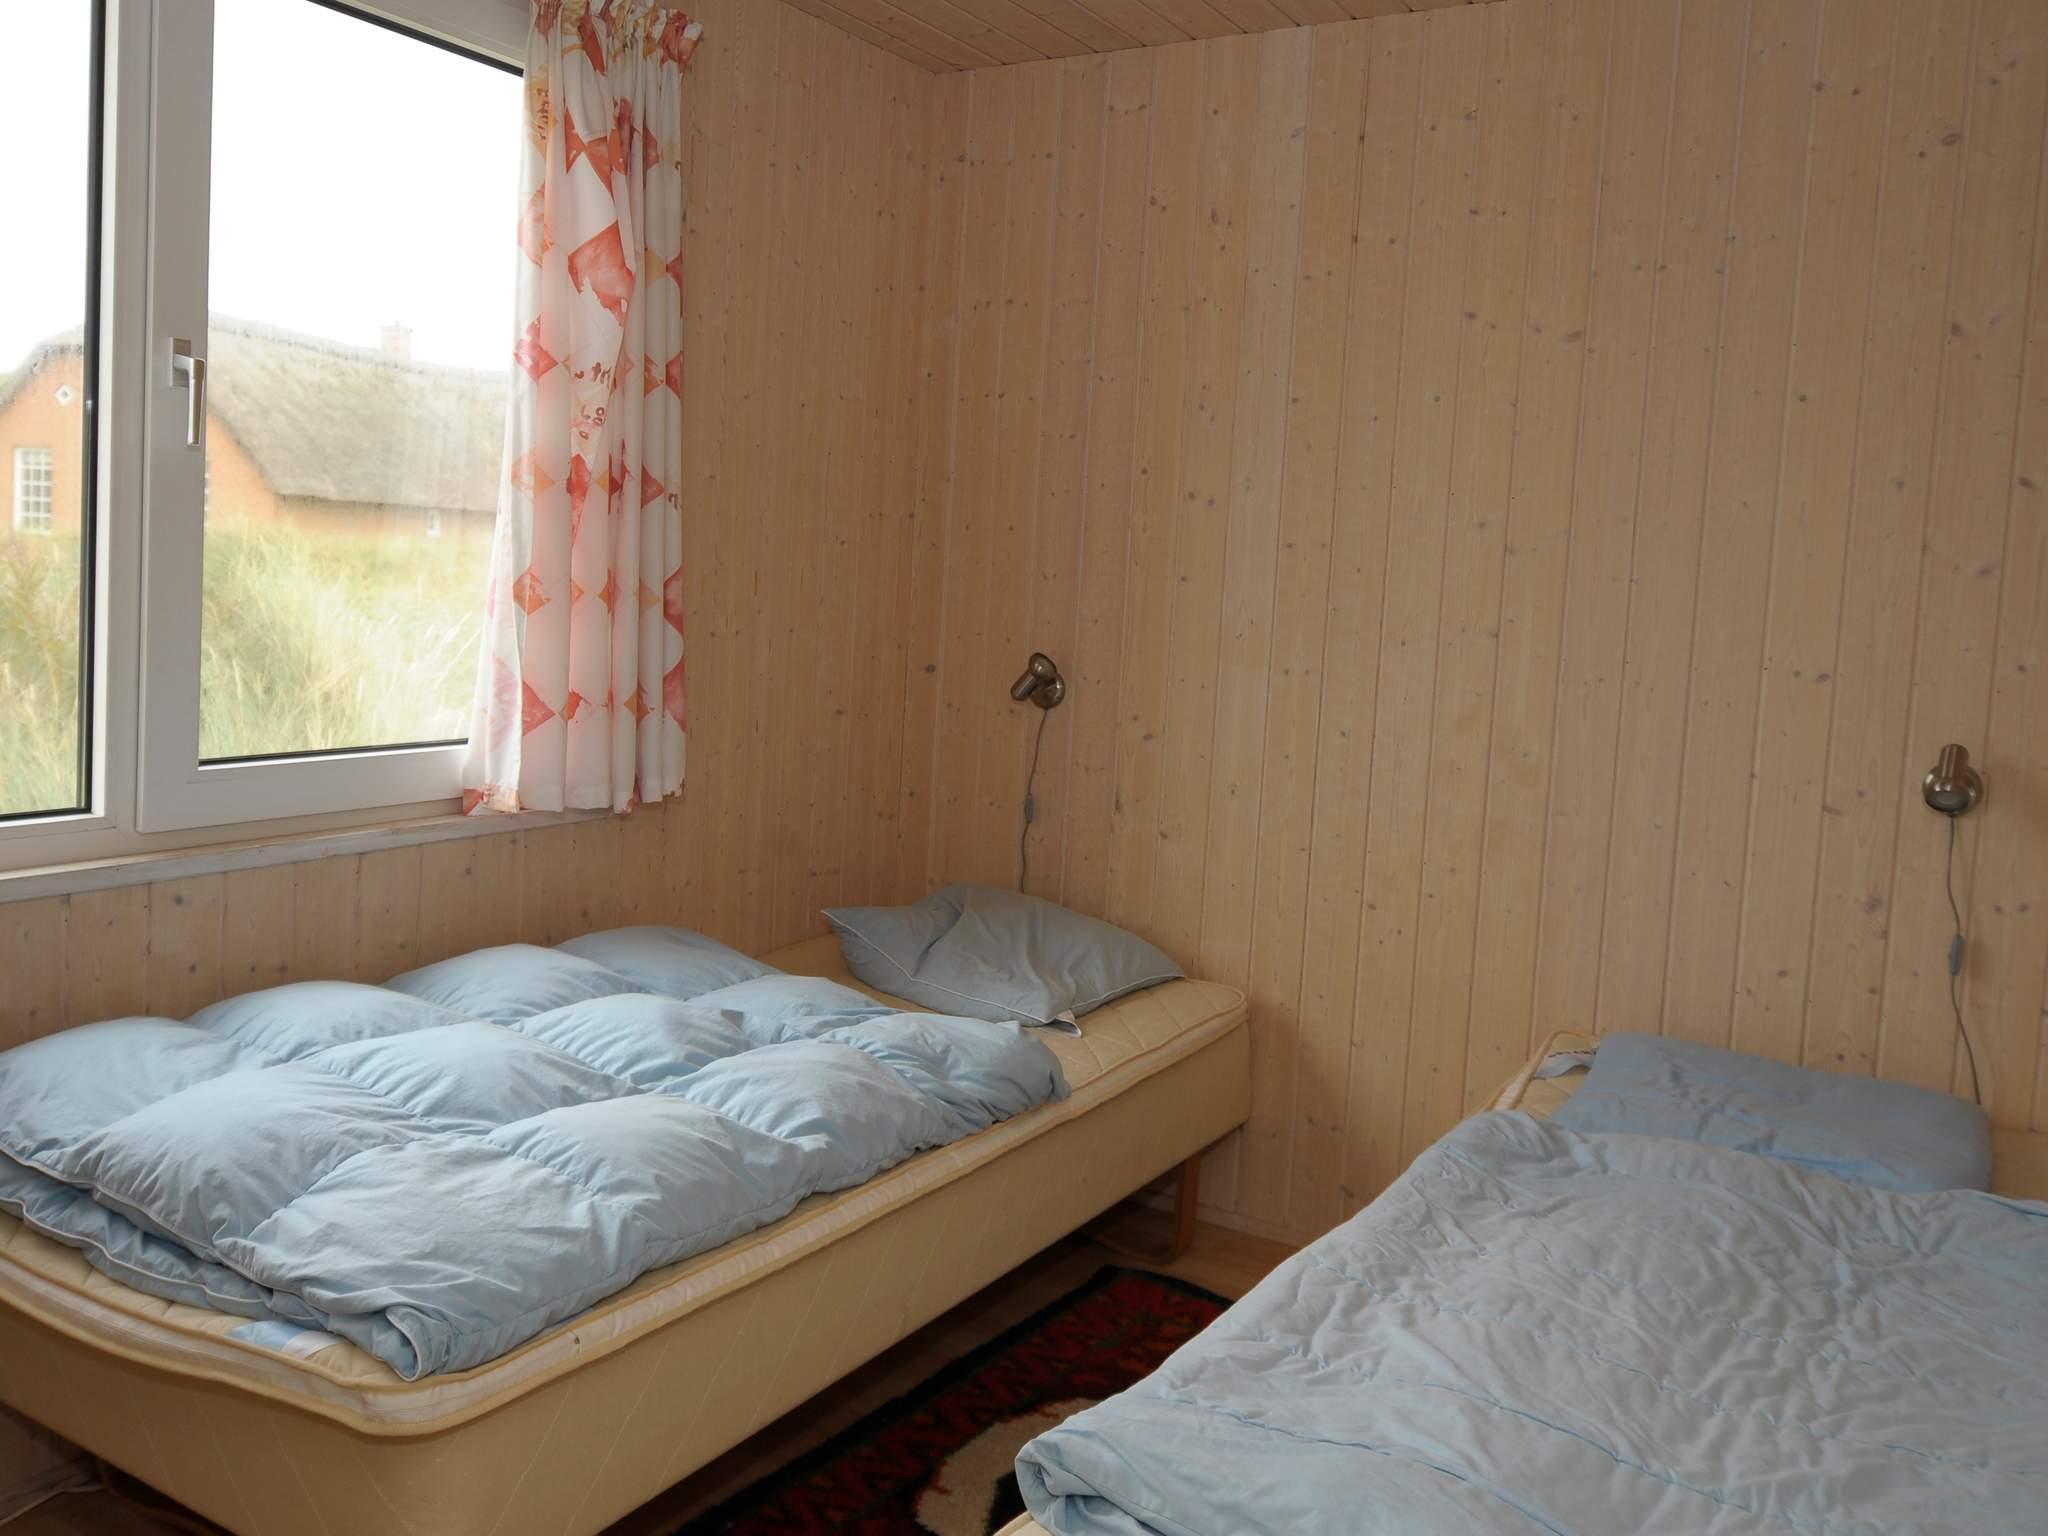 Ferienhaus Vejlby Klit (88925), Harboøre, , Limfjord, Dänemark, Bild 17